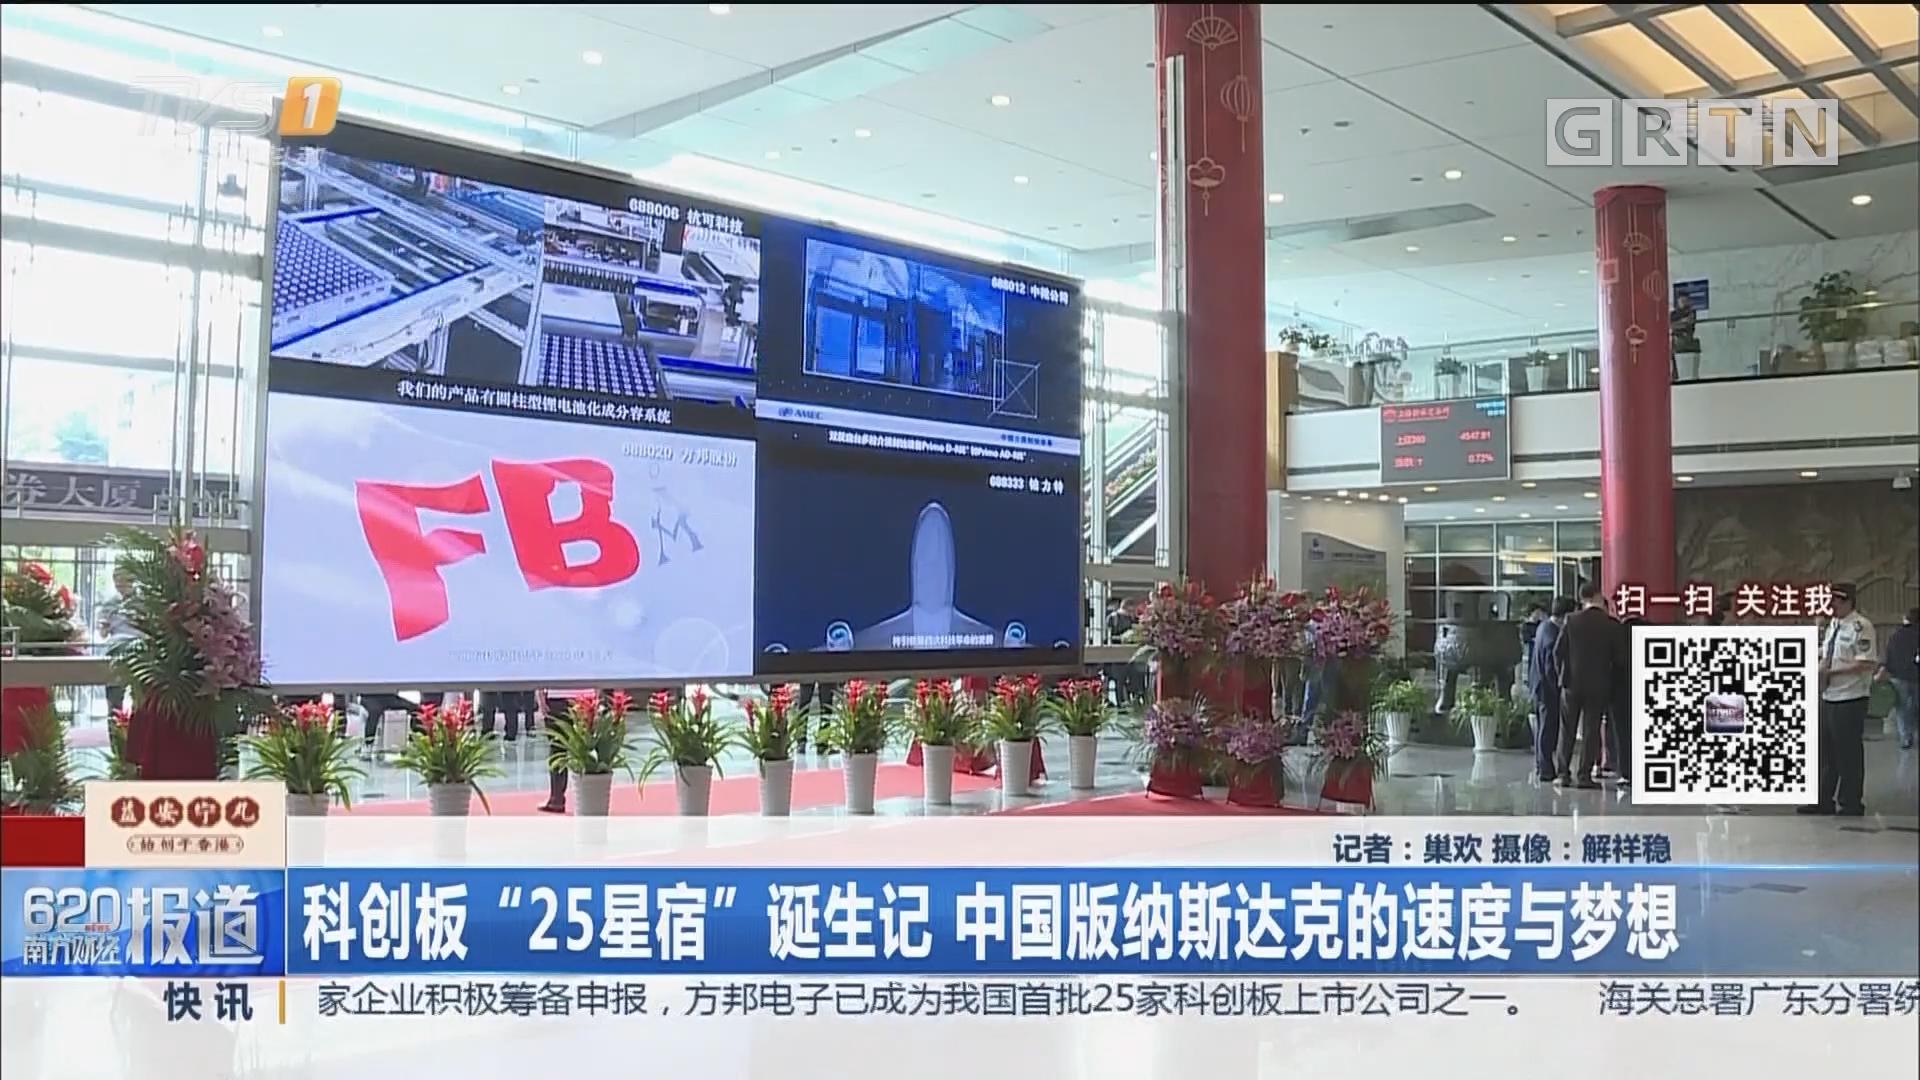 """科创板""""25星宿""""诞生记 中国版纳斯达克的速度与梦想"""